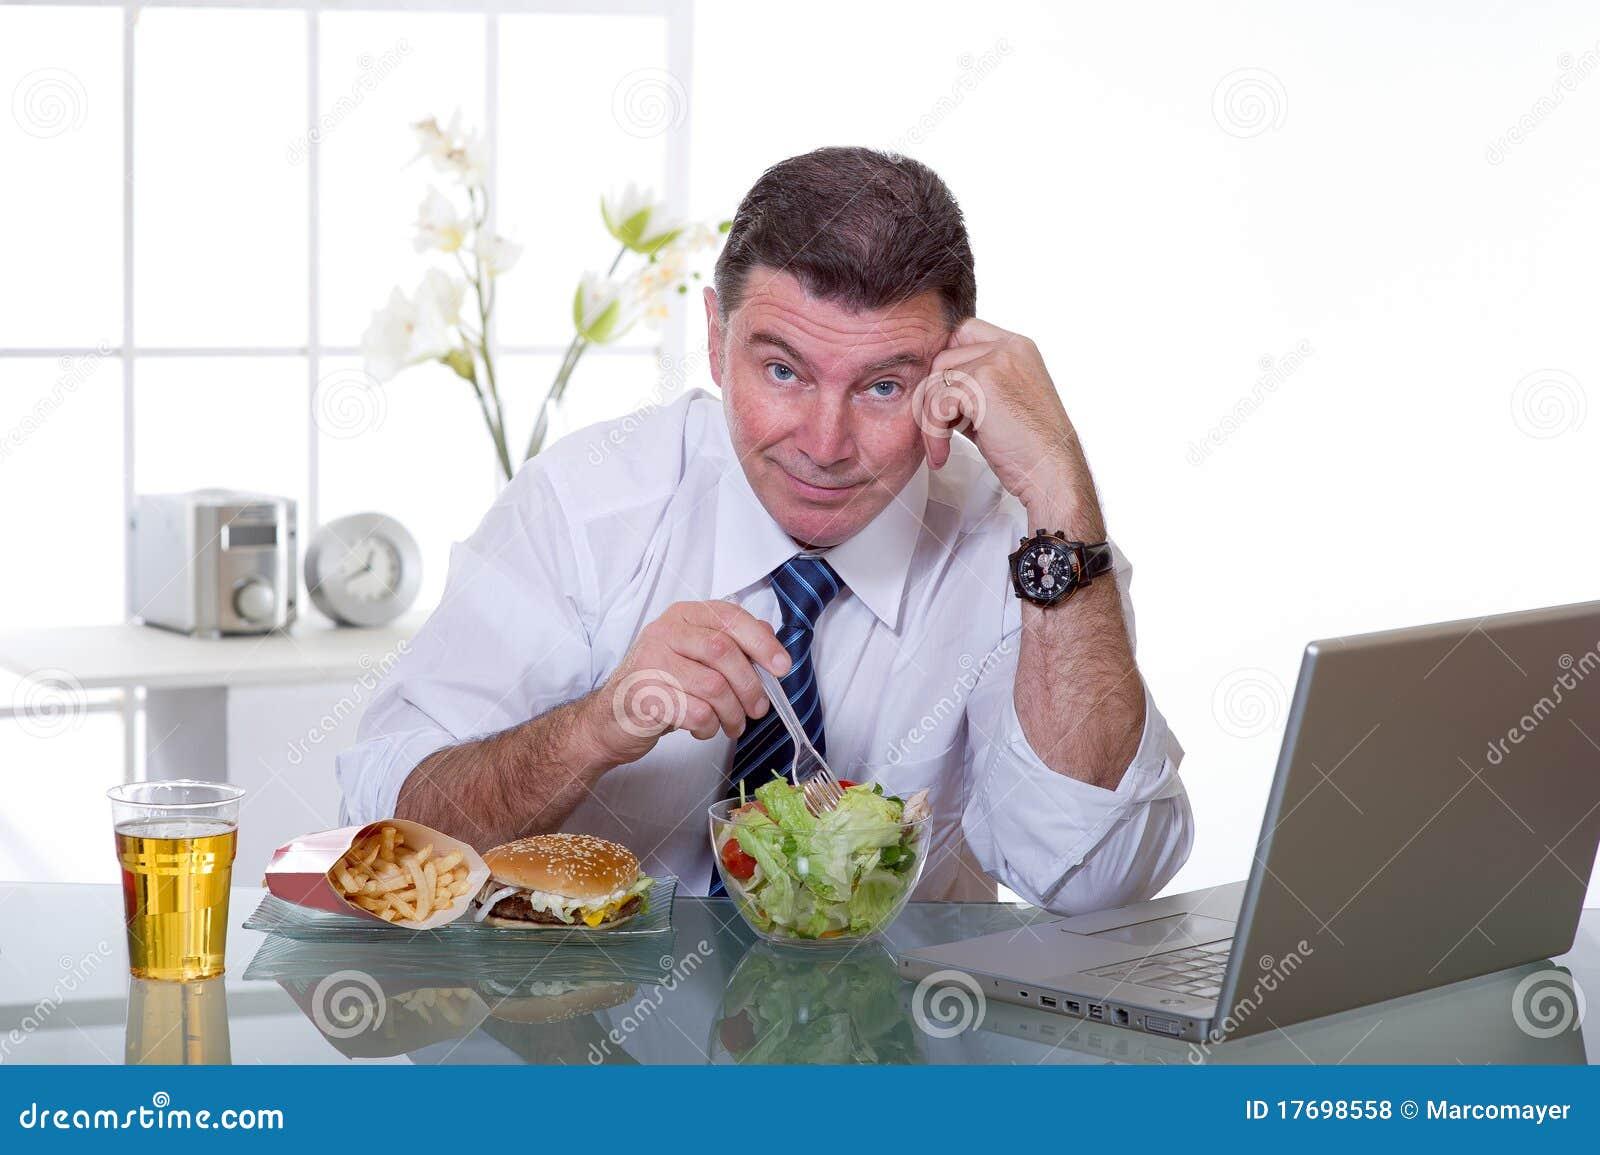 El hombre en la oficina come la ensalada verde